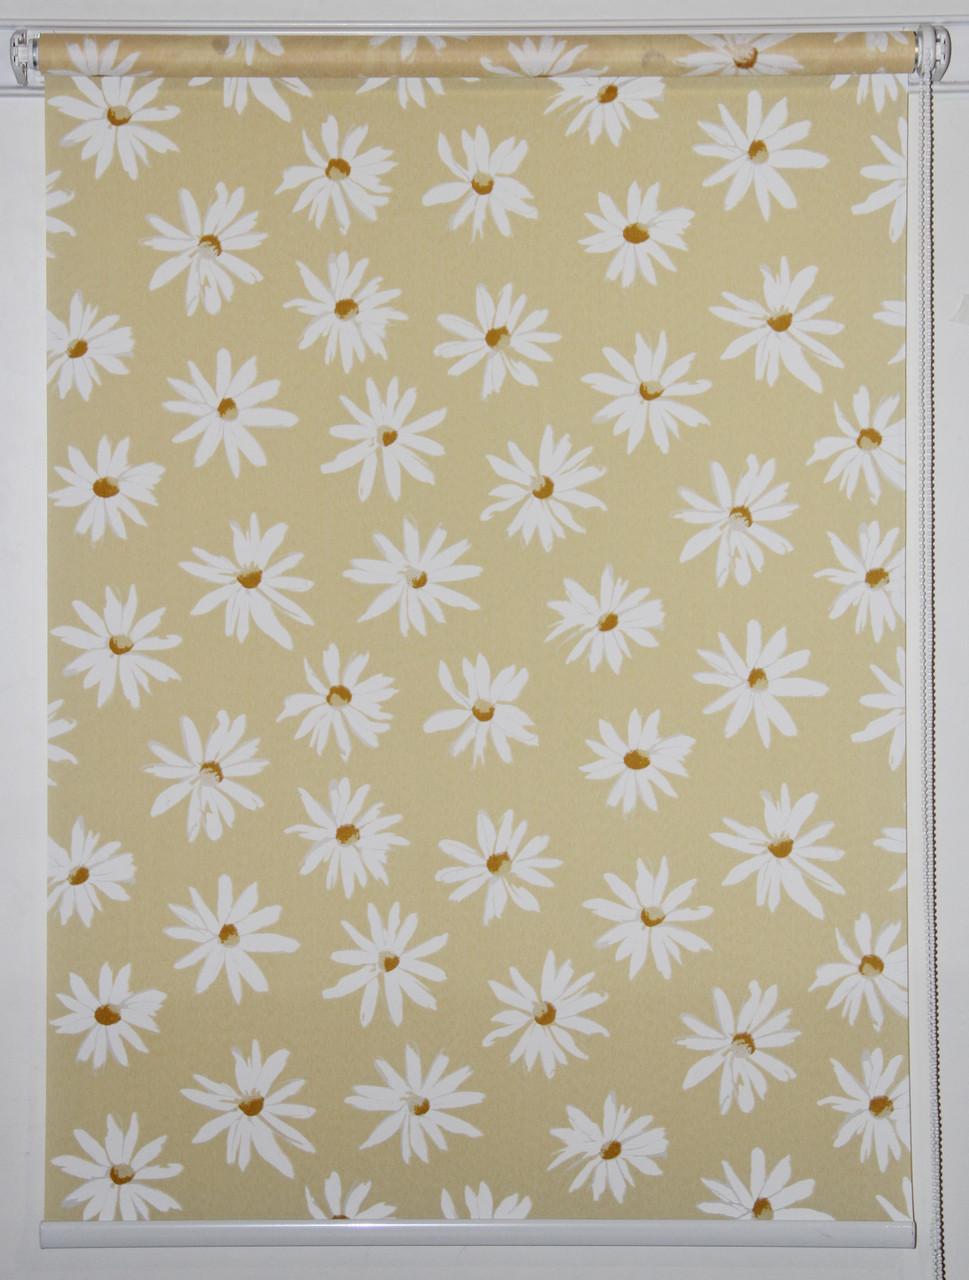 Готовые рулонные шторы 750*1500 Ткань Ромашки Жёлтый